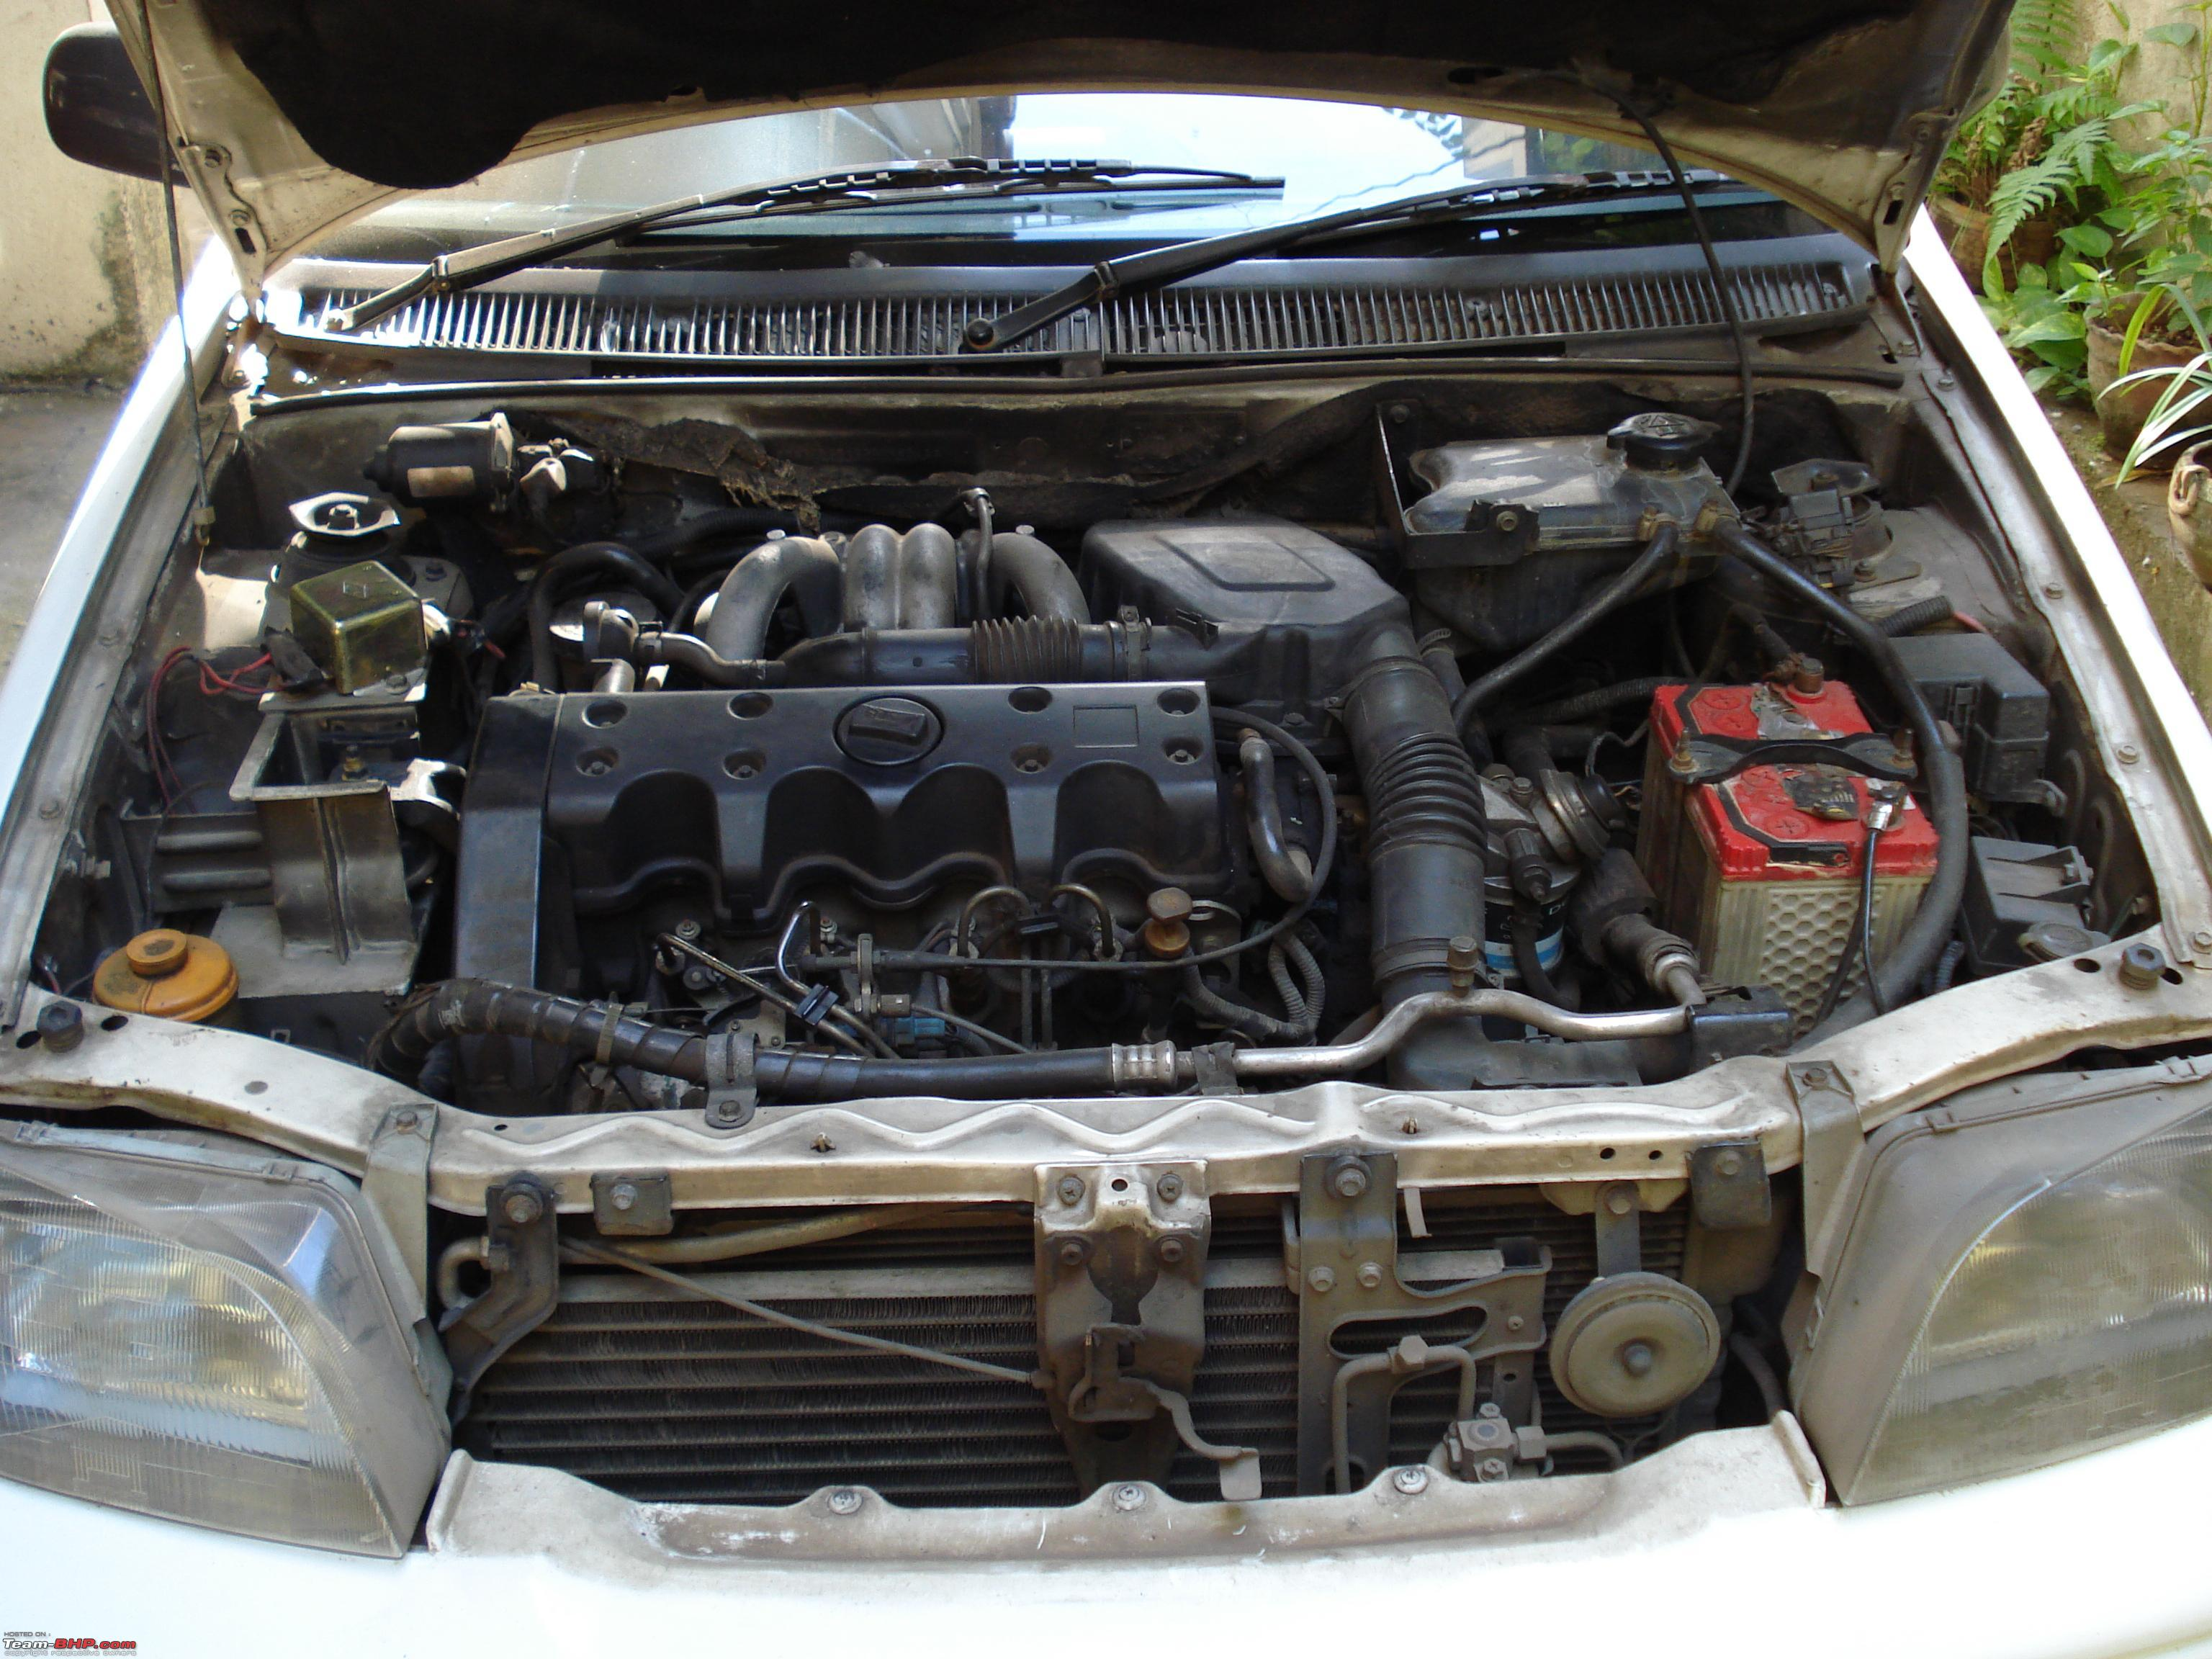 2000 Suzuki Esteem 1 8 Engine Fuse Box